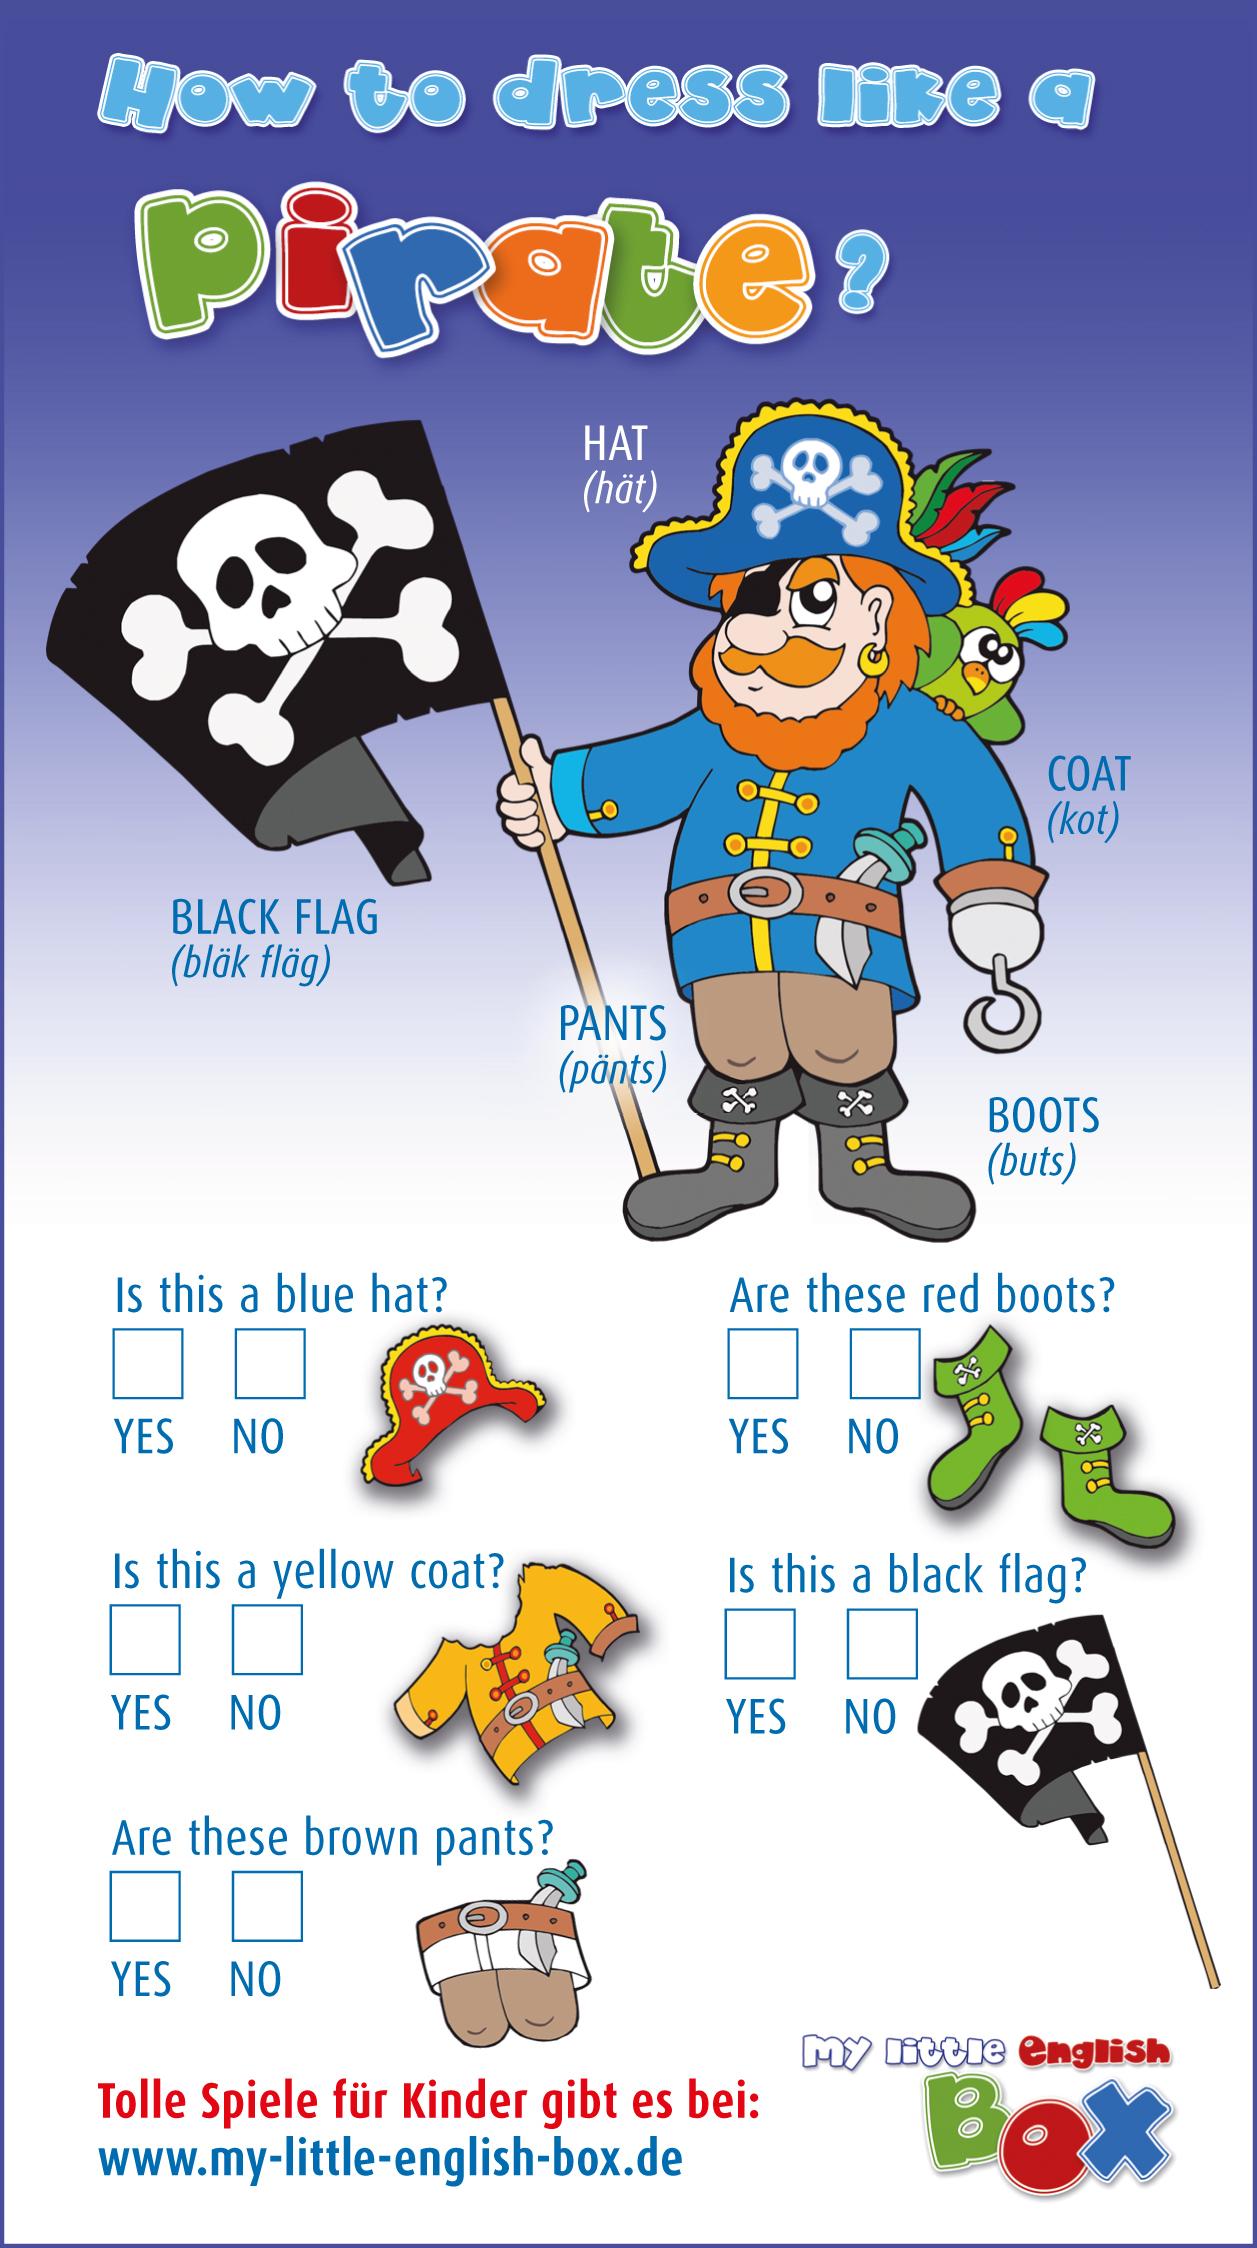 Tolle Spiele für Kinder, Englisch für Kinder